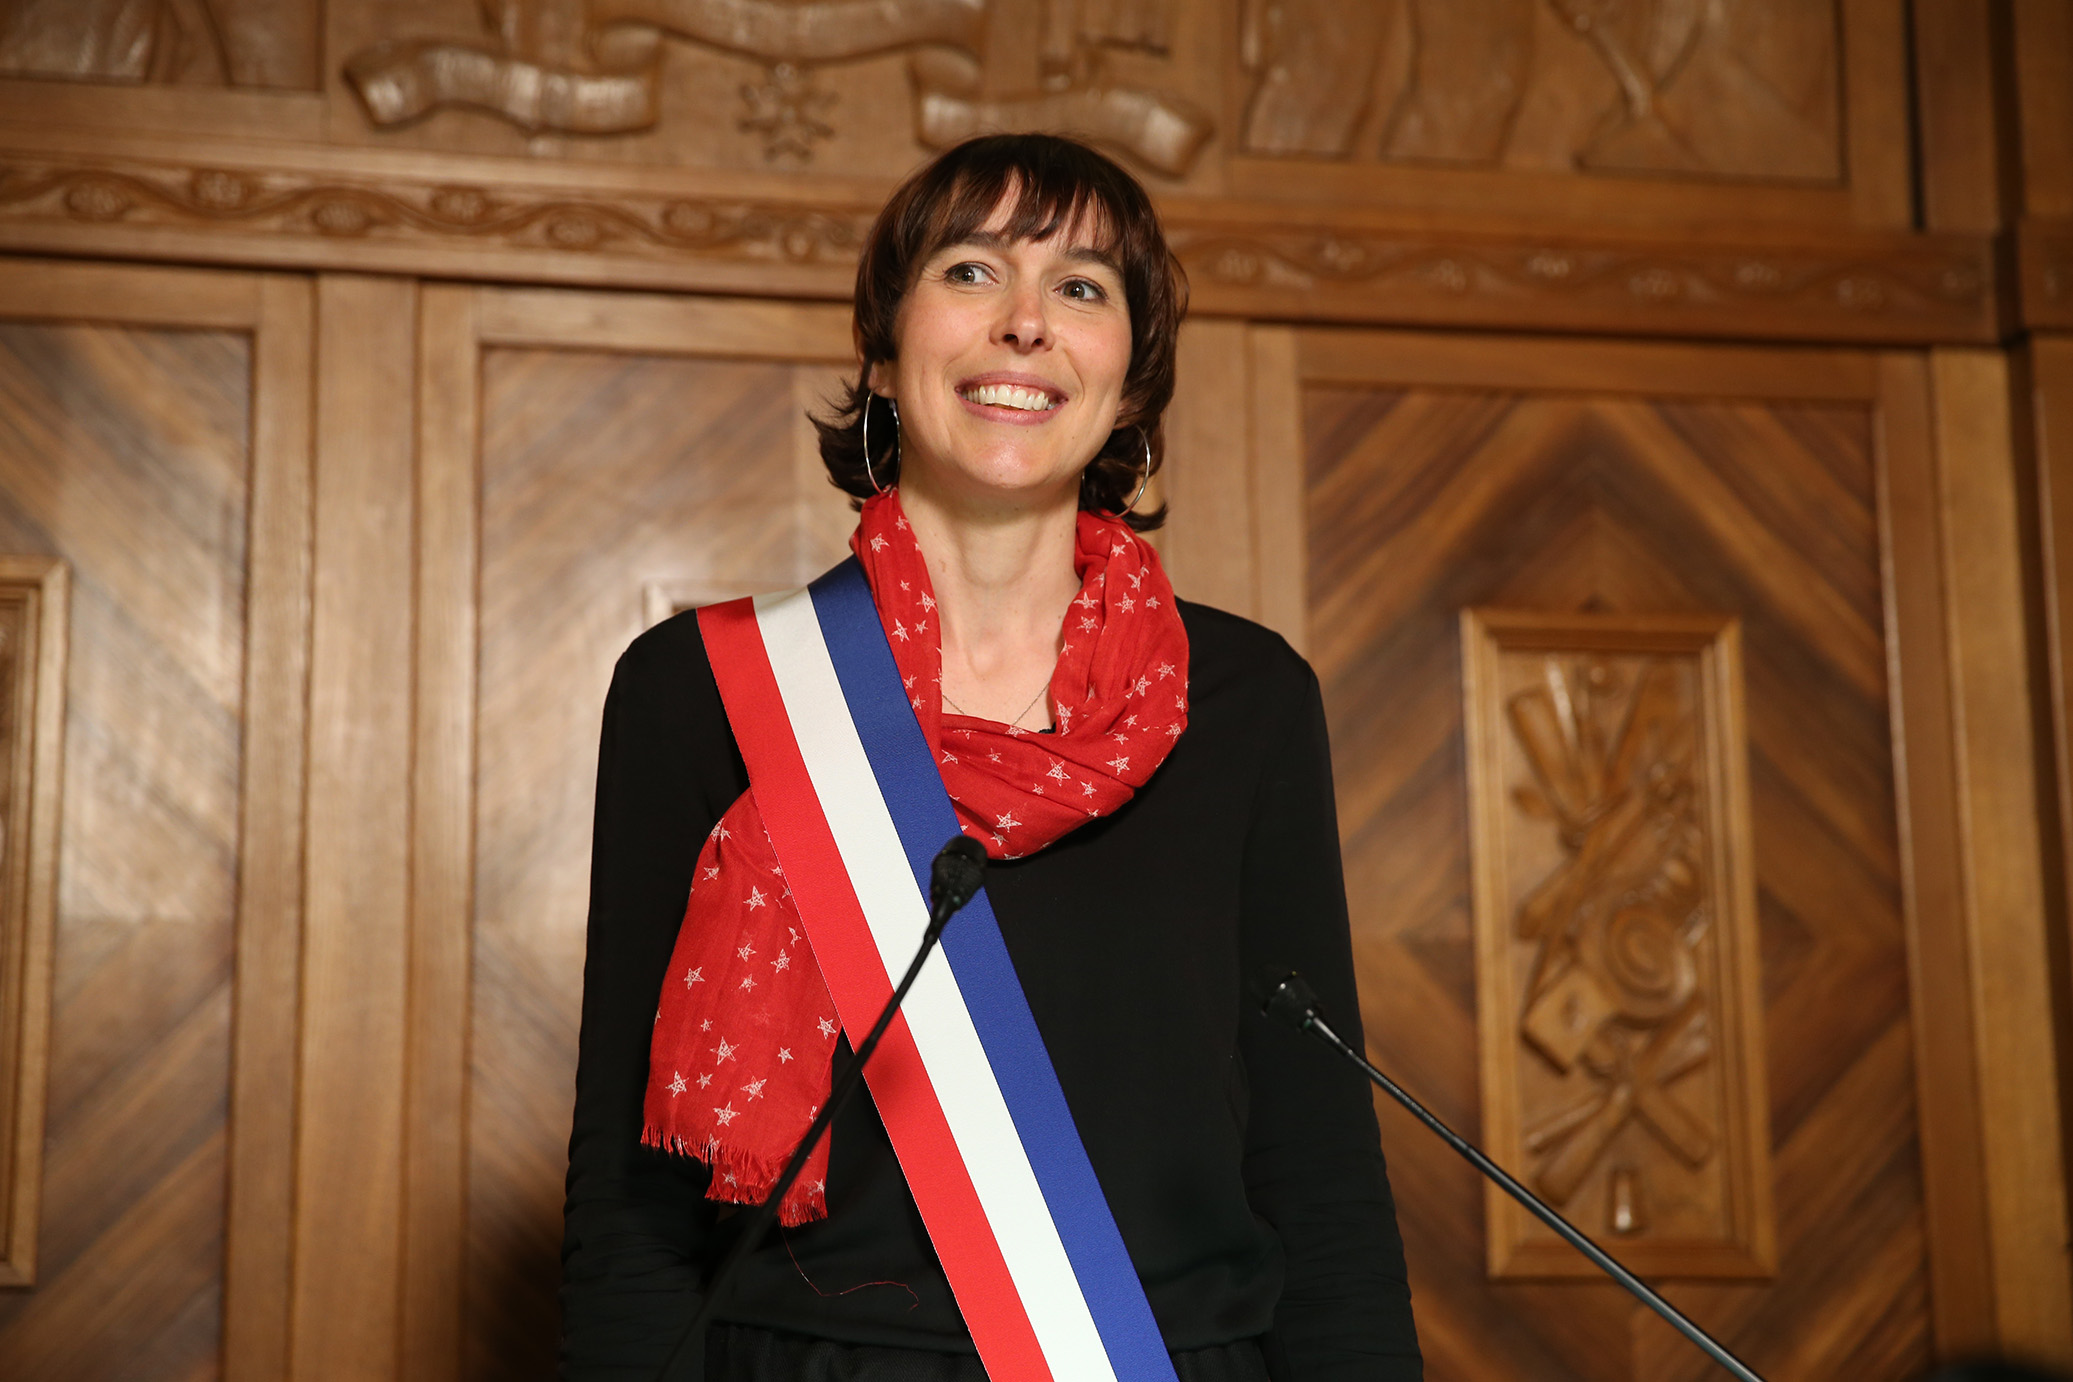 élections 02 10.11.07